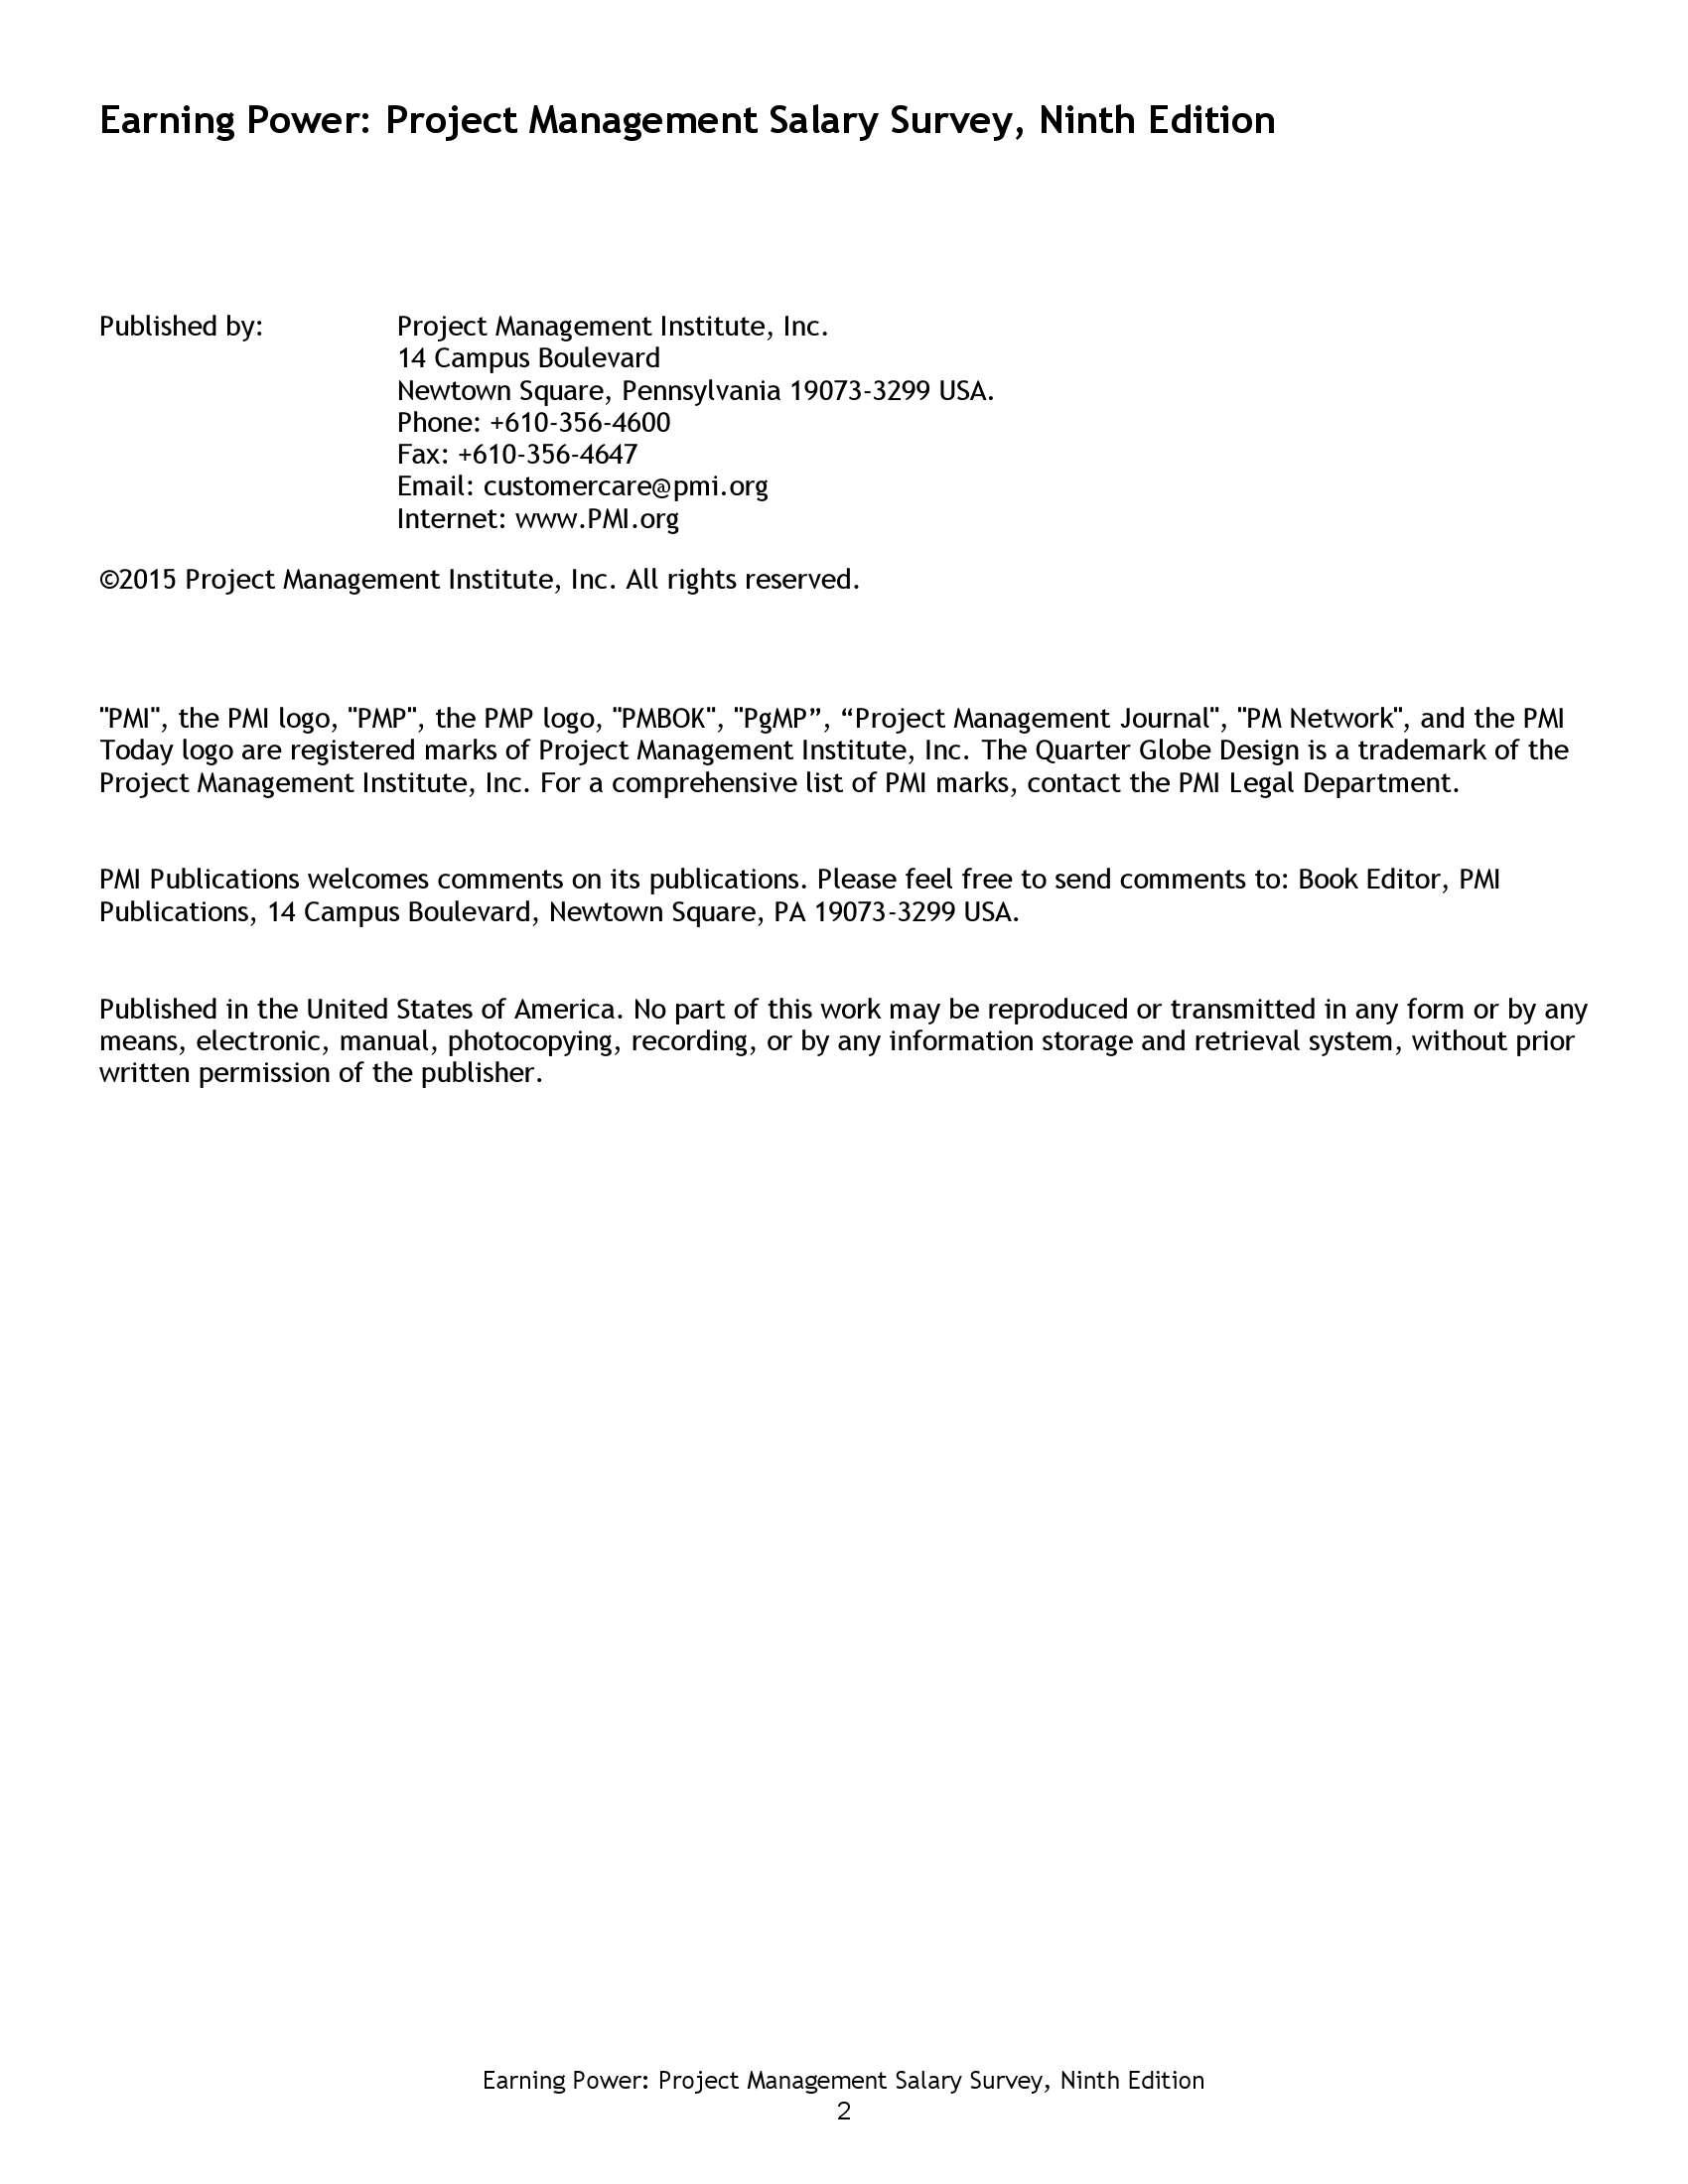 2015年项目管理薪酬调查报告_000003